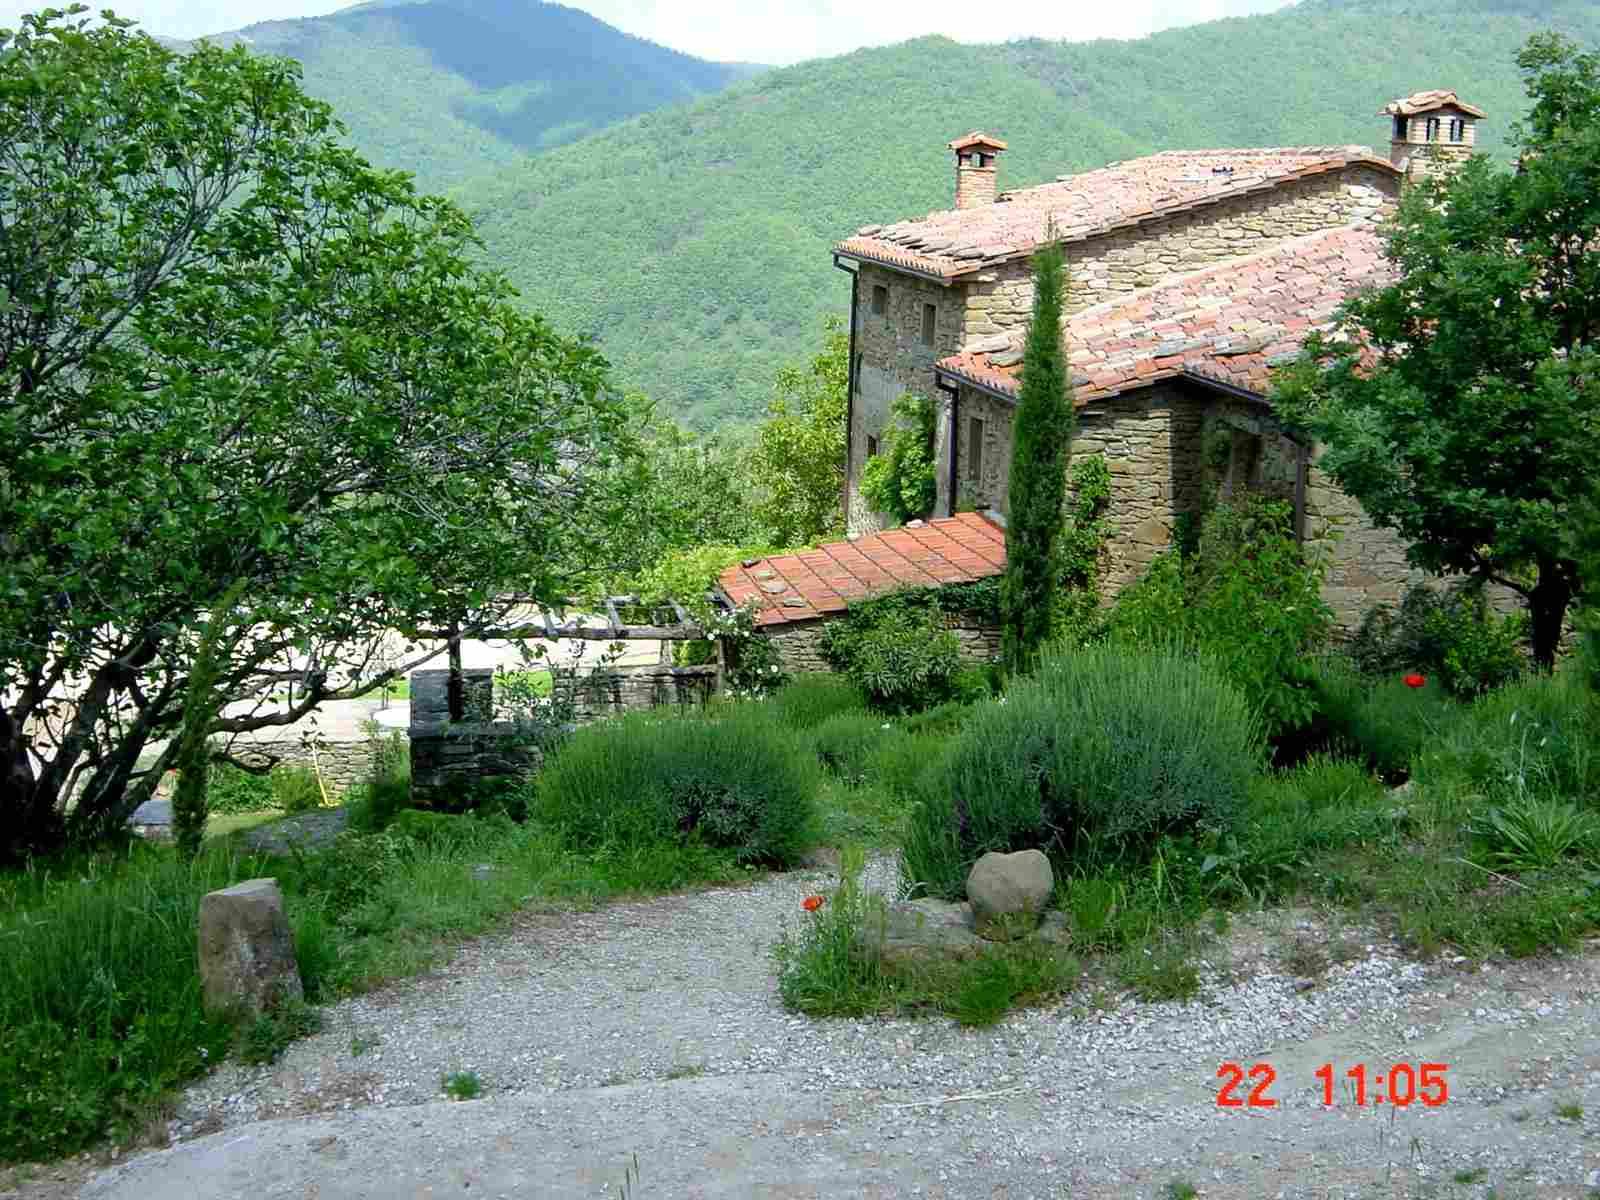 Foto: Manfred Karl / Mountainbike Tour / Monte Castel Giudeo, 1037 m / Nach diesem Haus geht´s in die Wildnis! / 20.06.2007 06:27:22